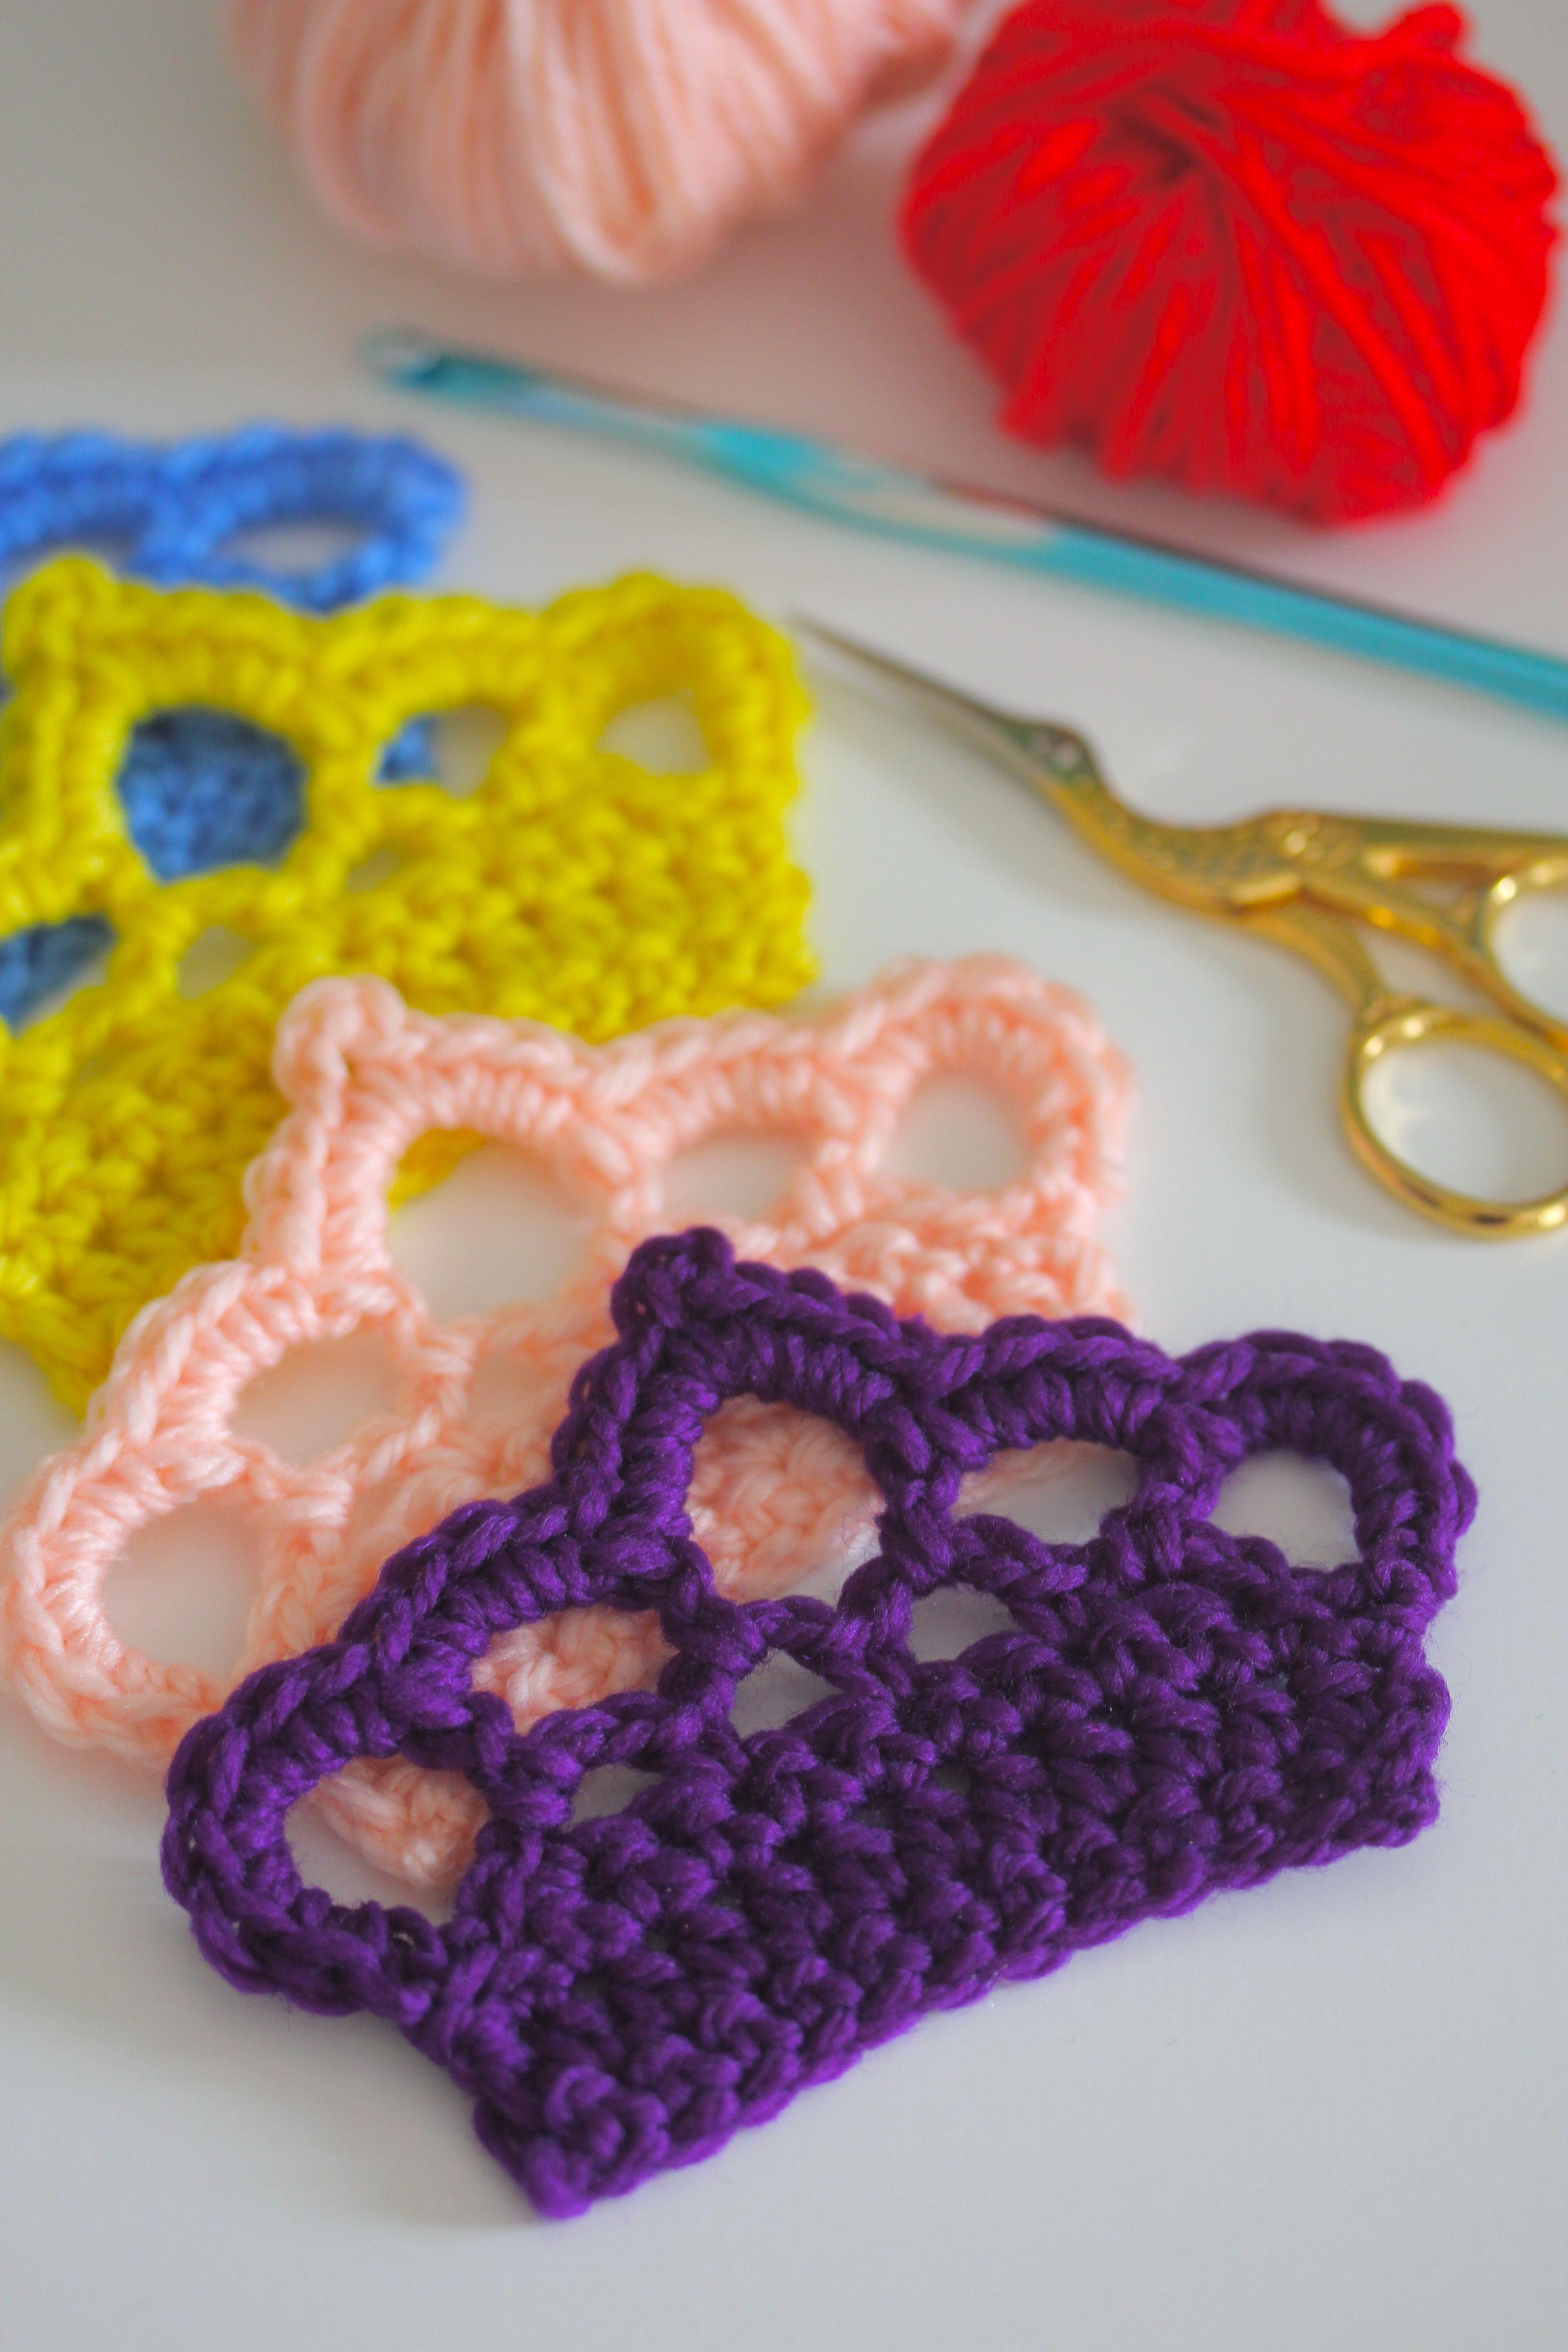 Commemorative crocheted crown crochet crown diy crochet and commemorative crocheted crown wall hookcrochet bankloansurffo Gallery